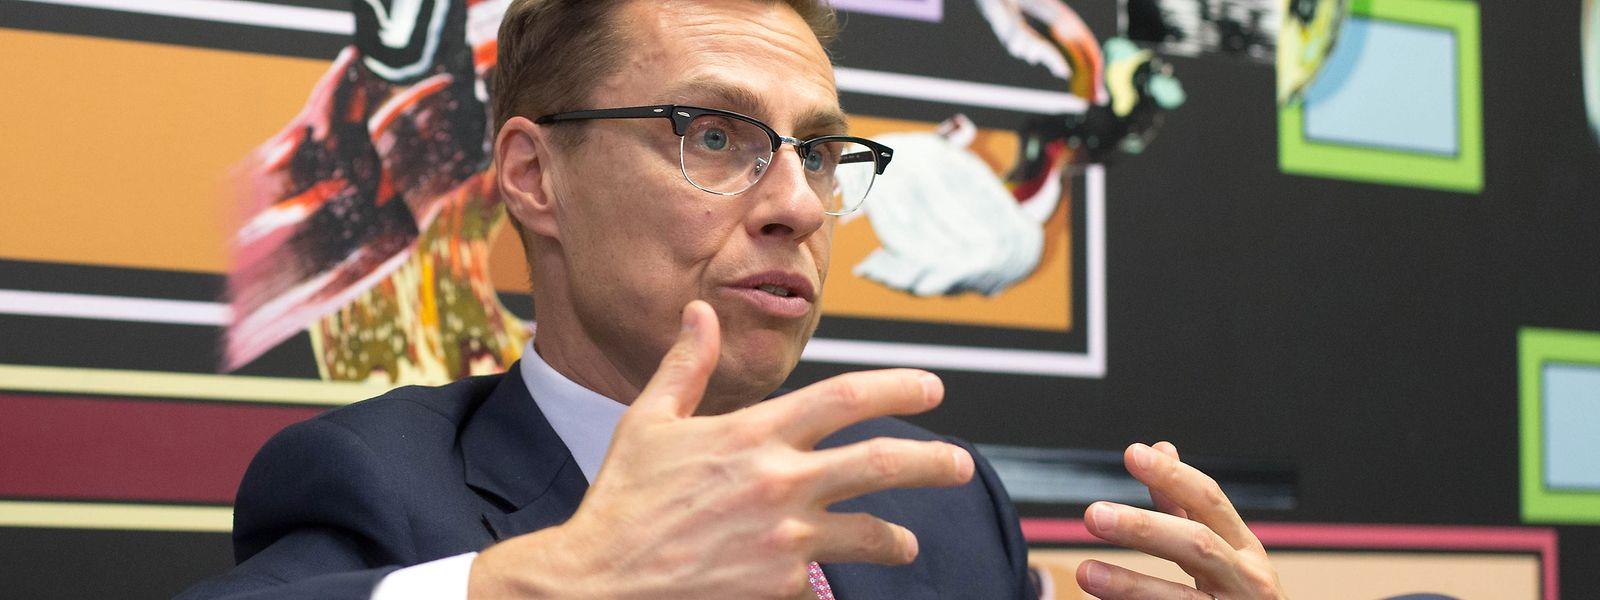 Alexander Stubb will Spitzenkandidat der EVP werden.